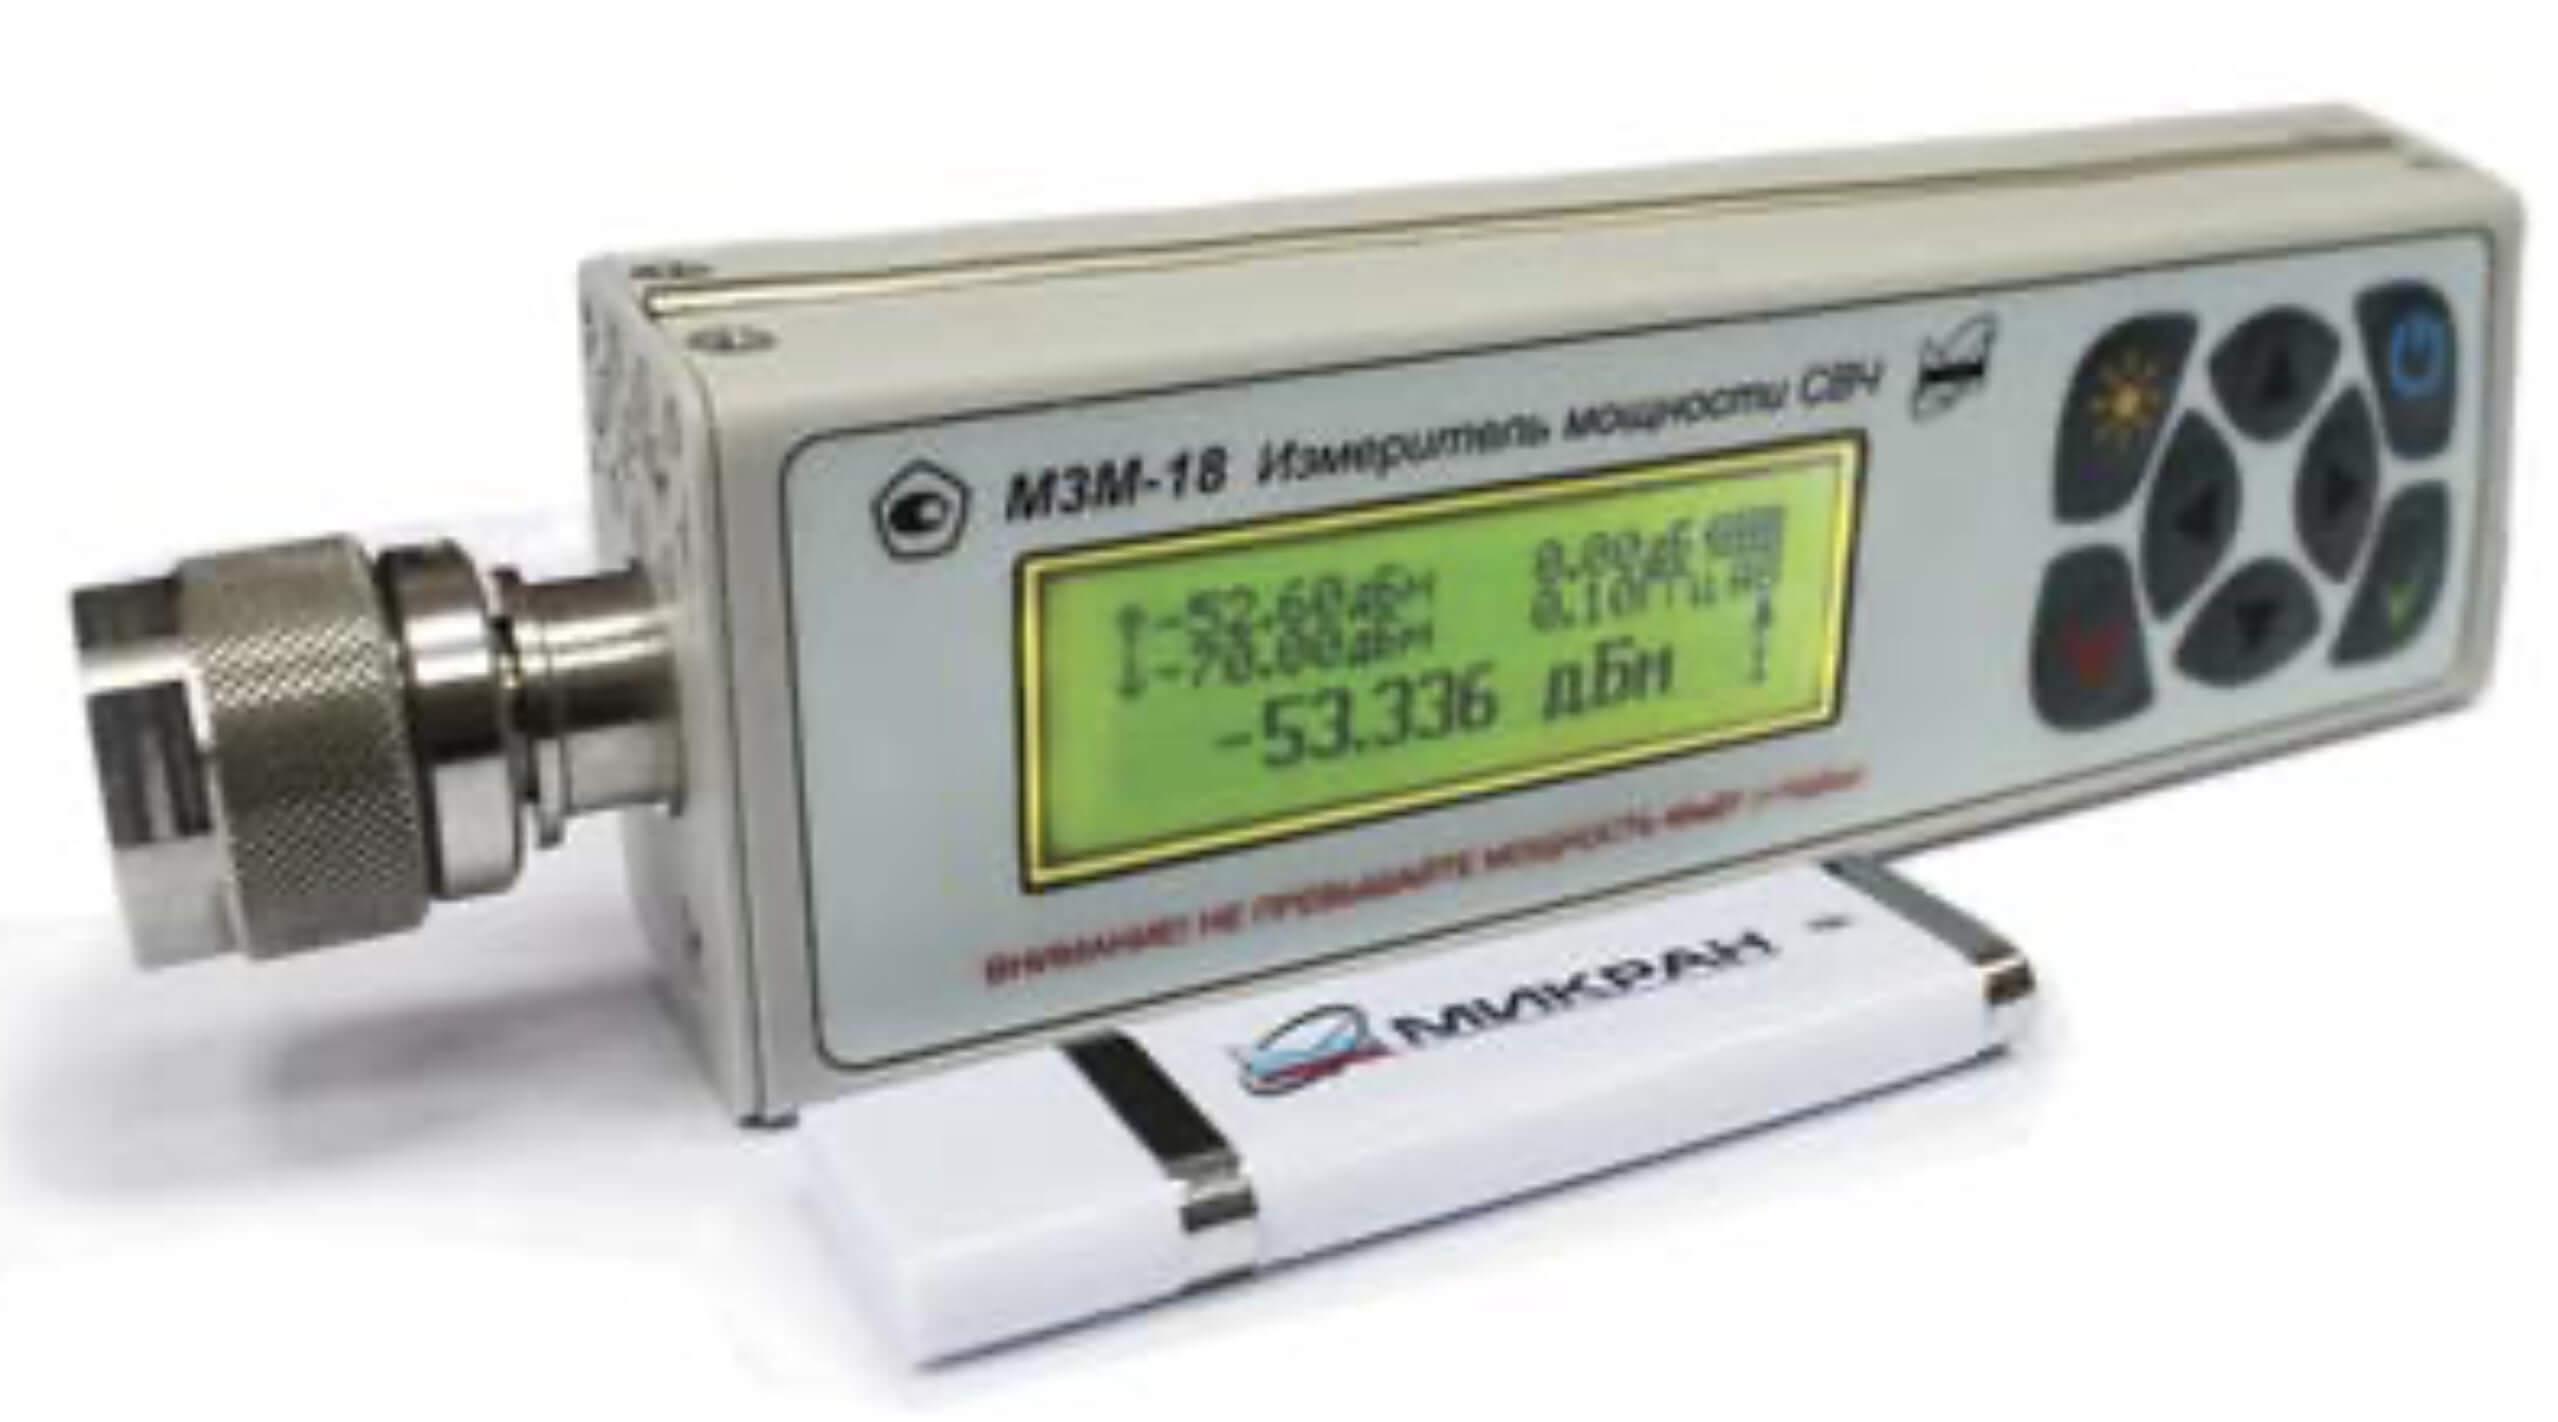 Thiết bị đo công suất cao tần cầm tay M3M_1